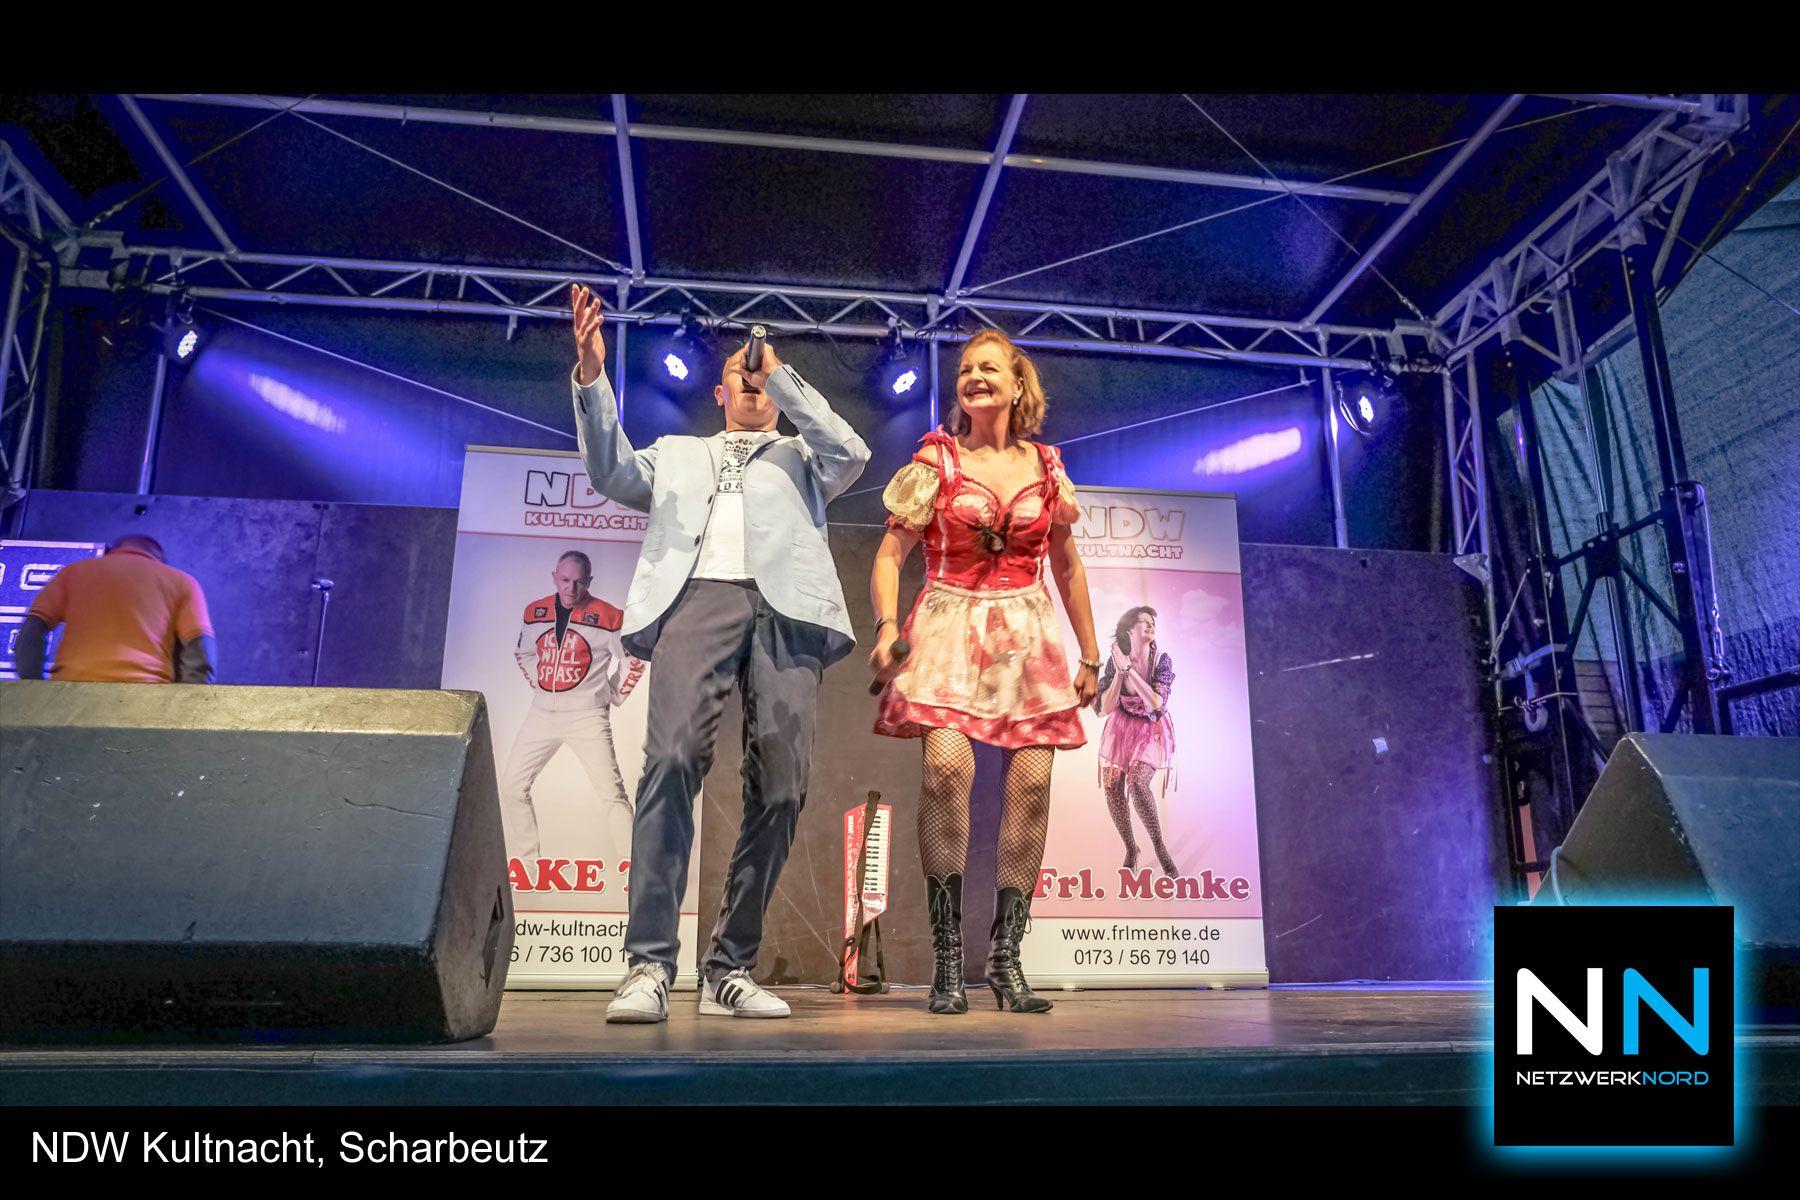 Pin von Stephan Brannys auf NDW Kultnacht Neue deutsche